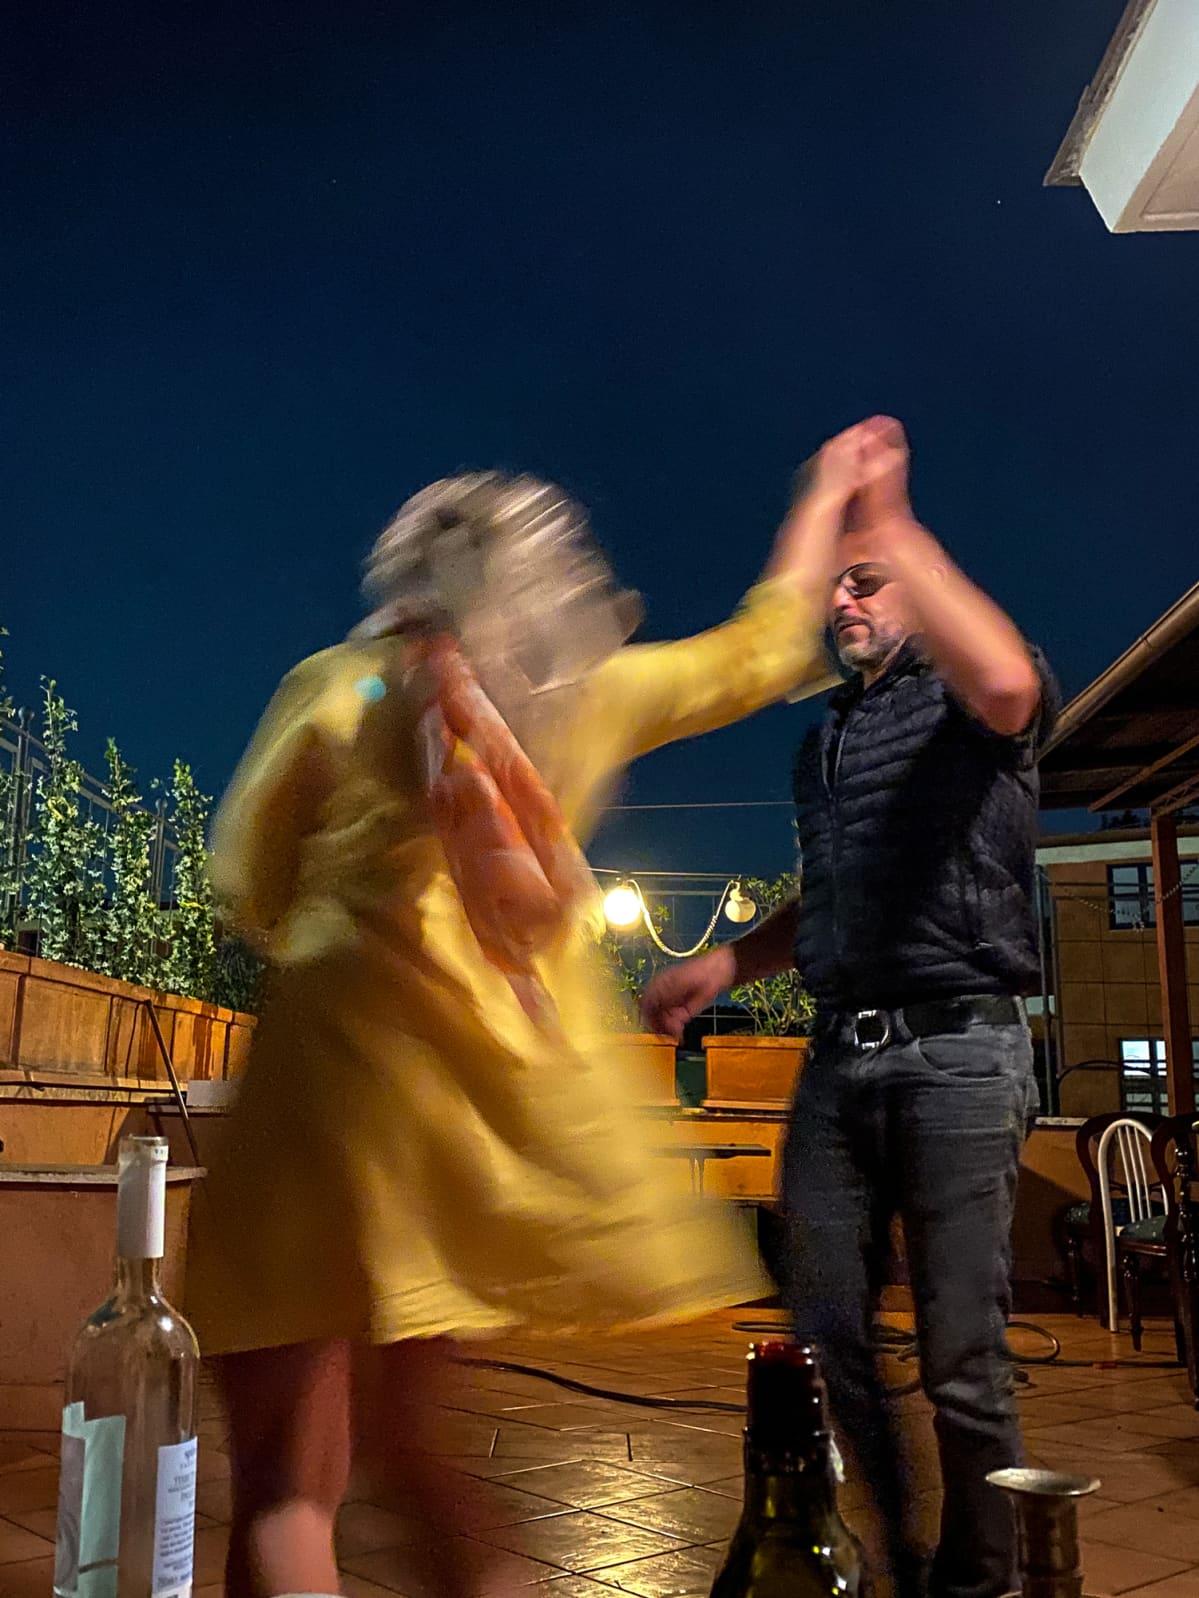 Riikka Vainio tanssimassa miehen kanssa.